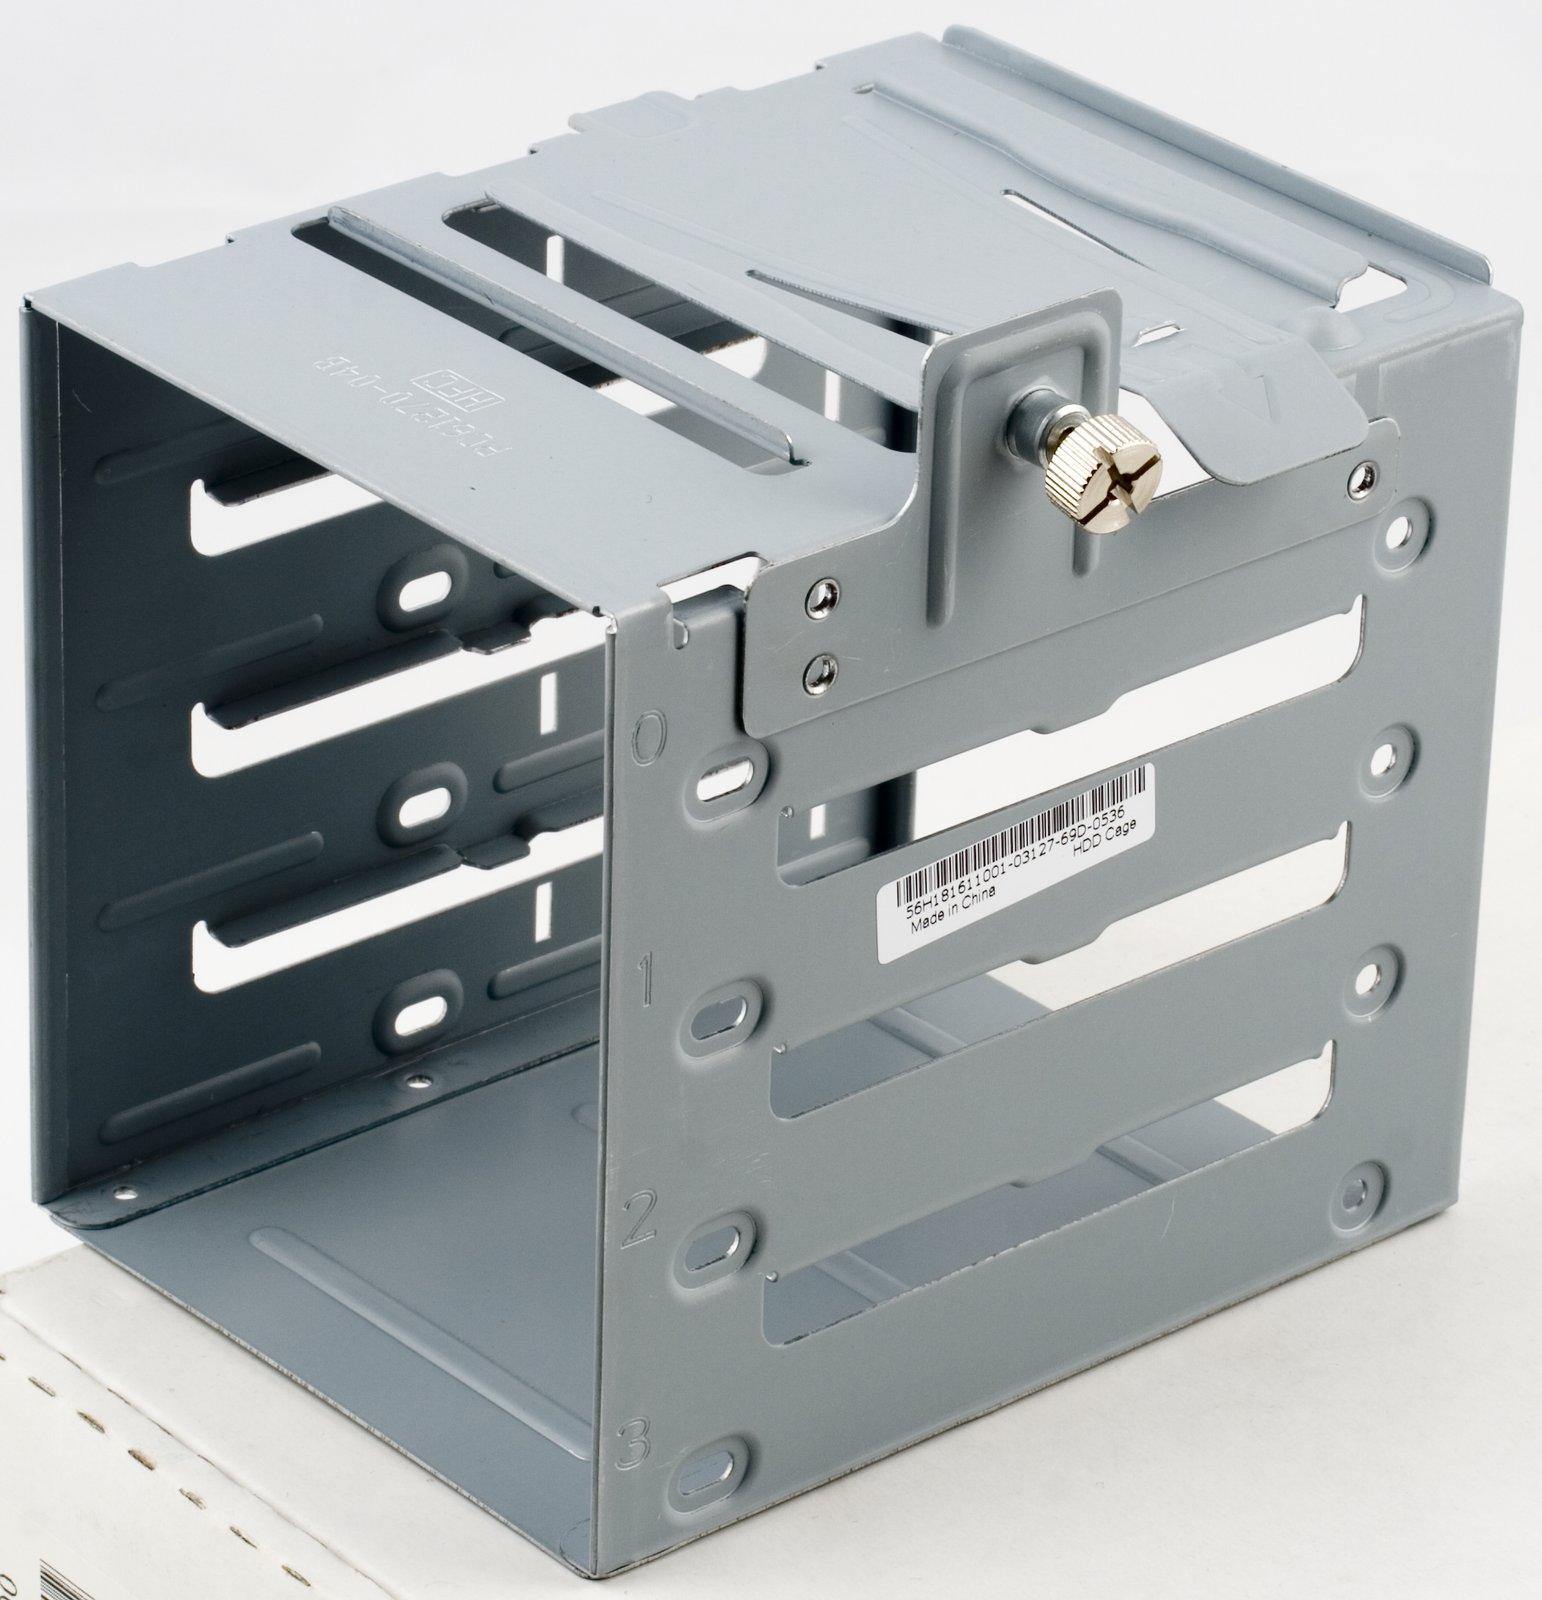 инструкция для установки салазок hp для сервера hp